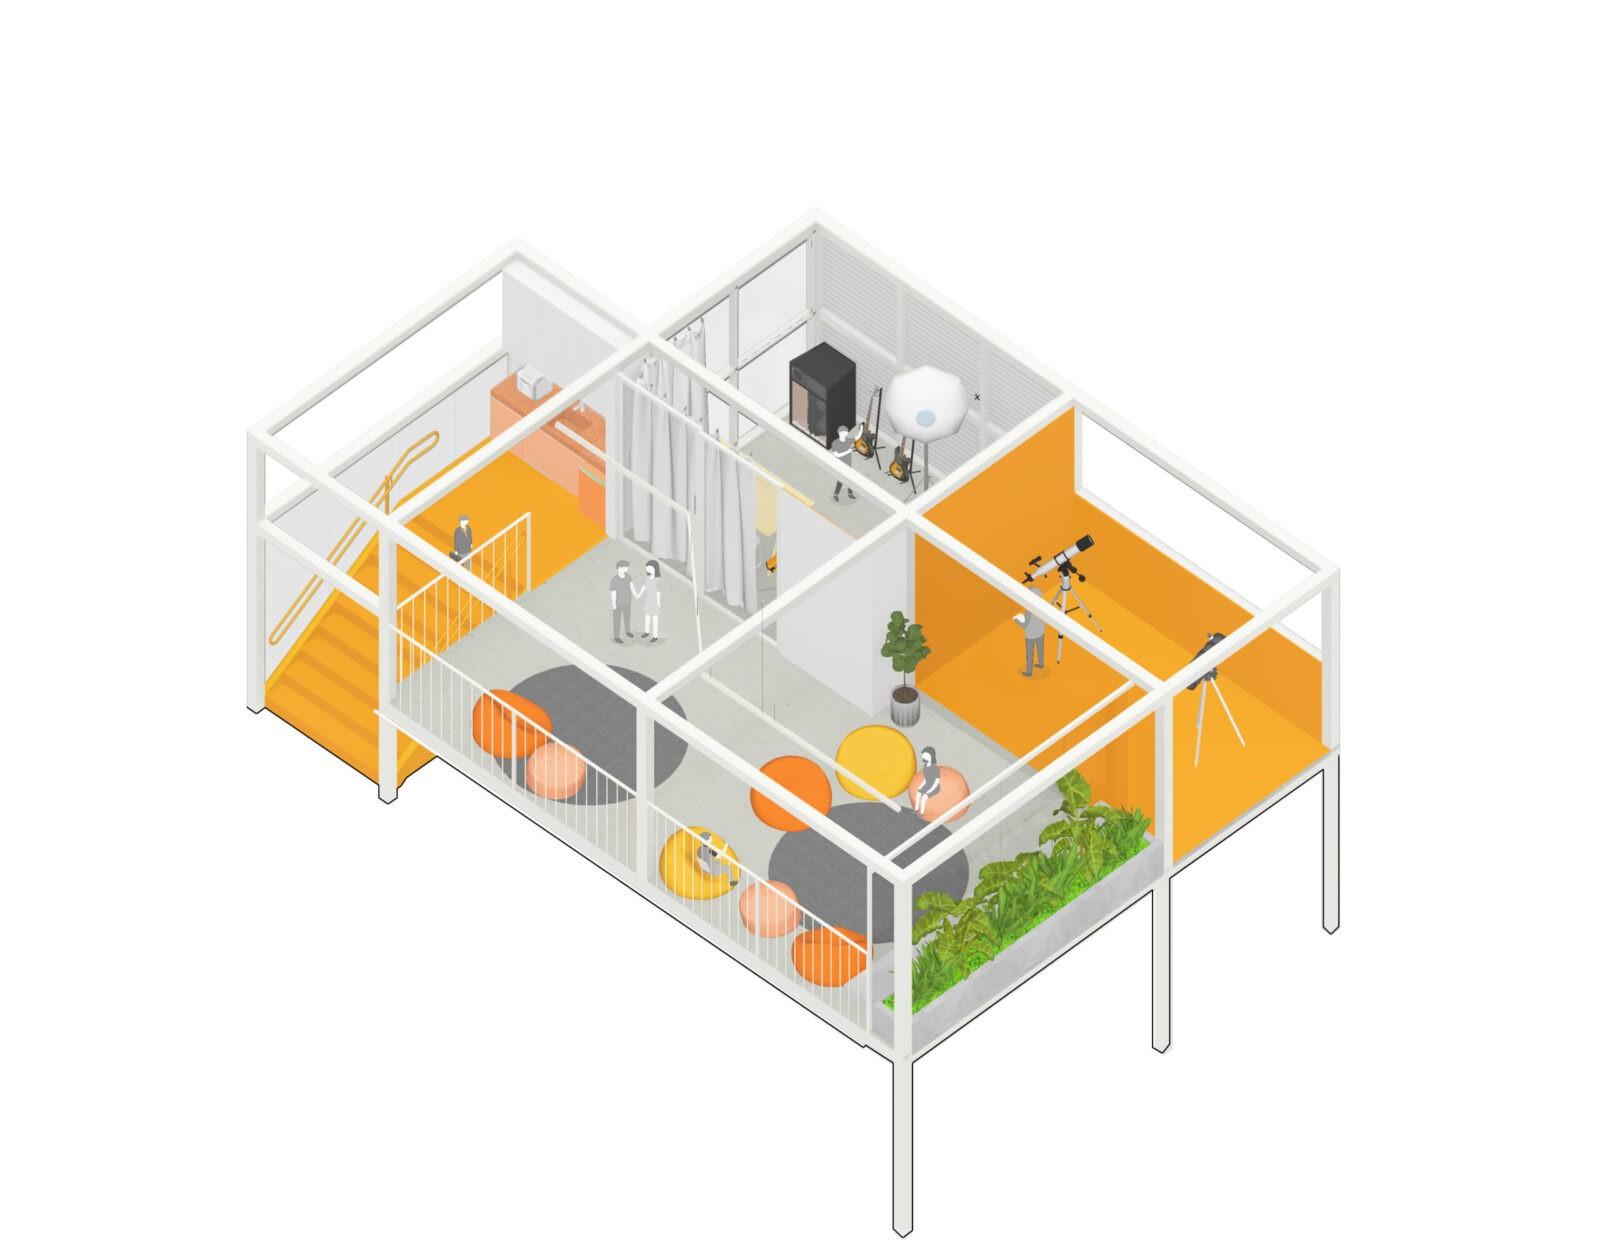 projeto escola arquitetura belo horizonte reforma makerspace